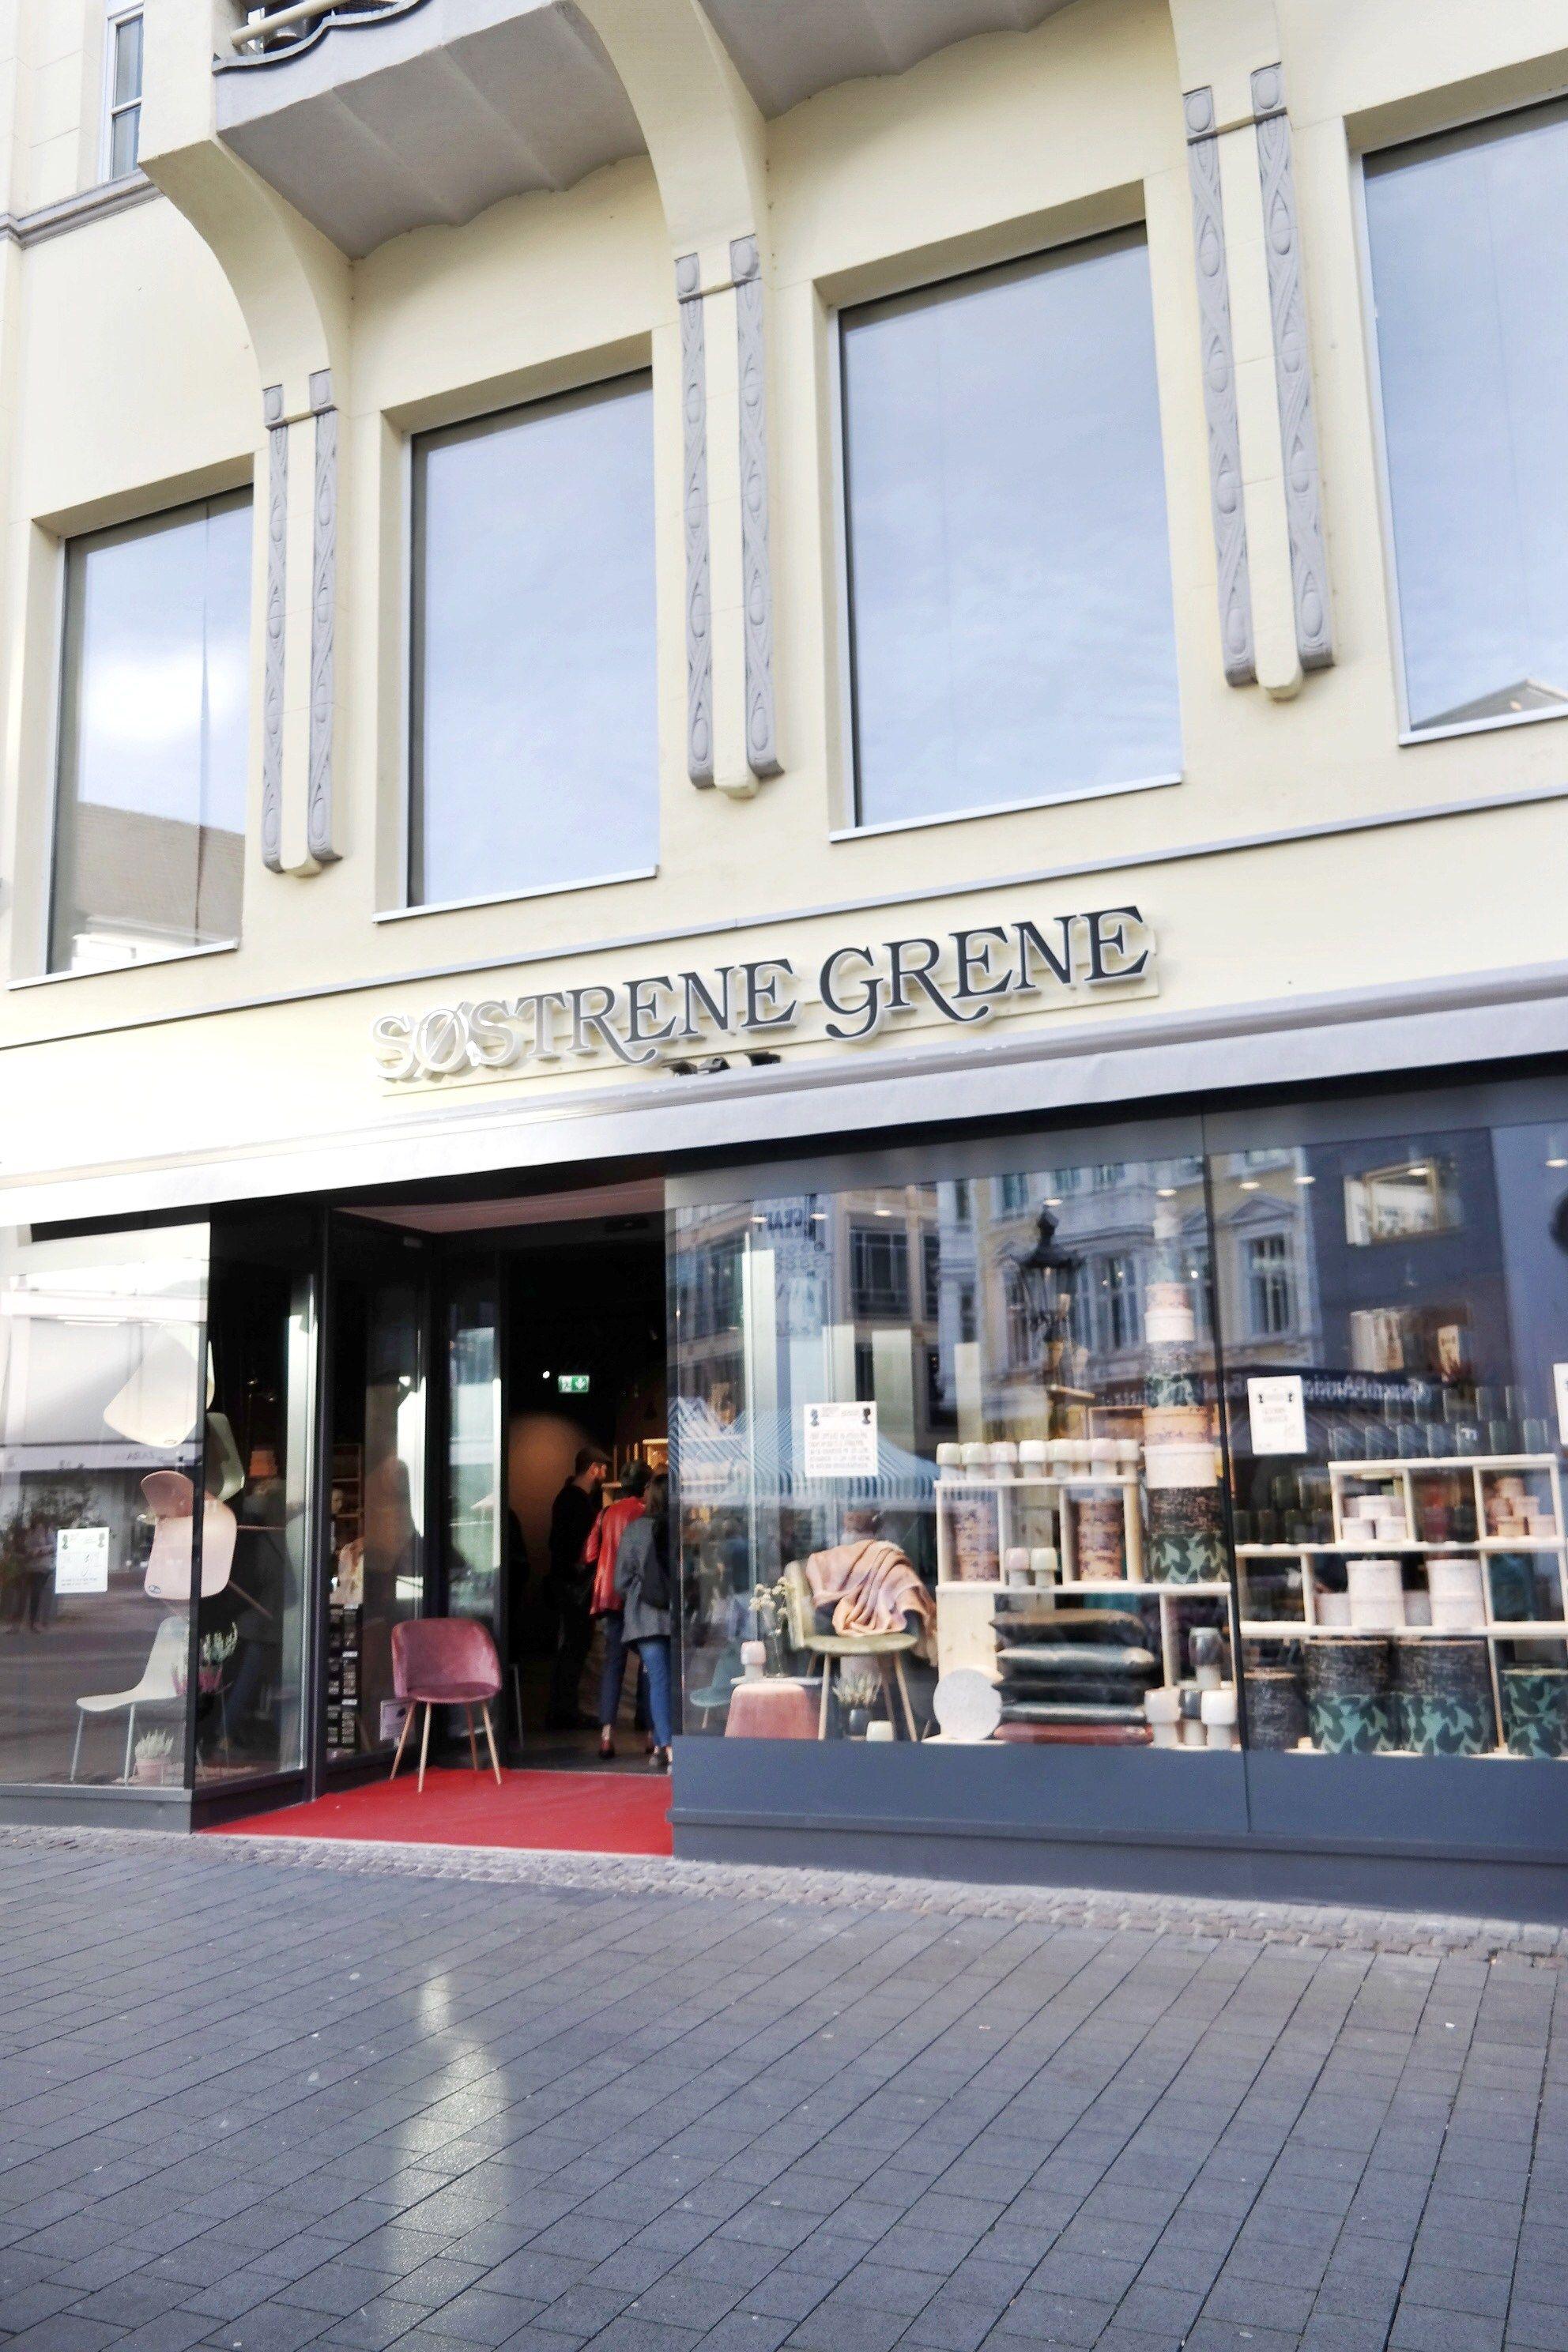 Eröffnung Sostrene Grene Bonn | Must Go | Bonn shopping, Bonn ...